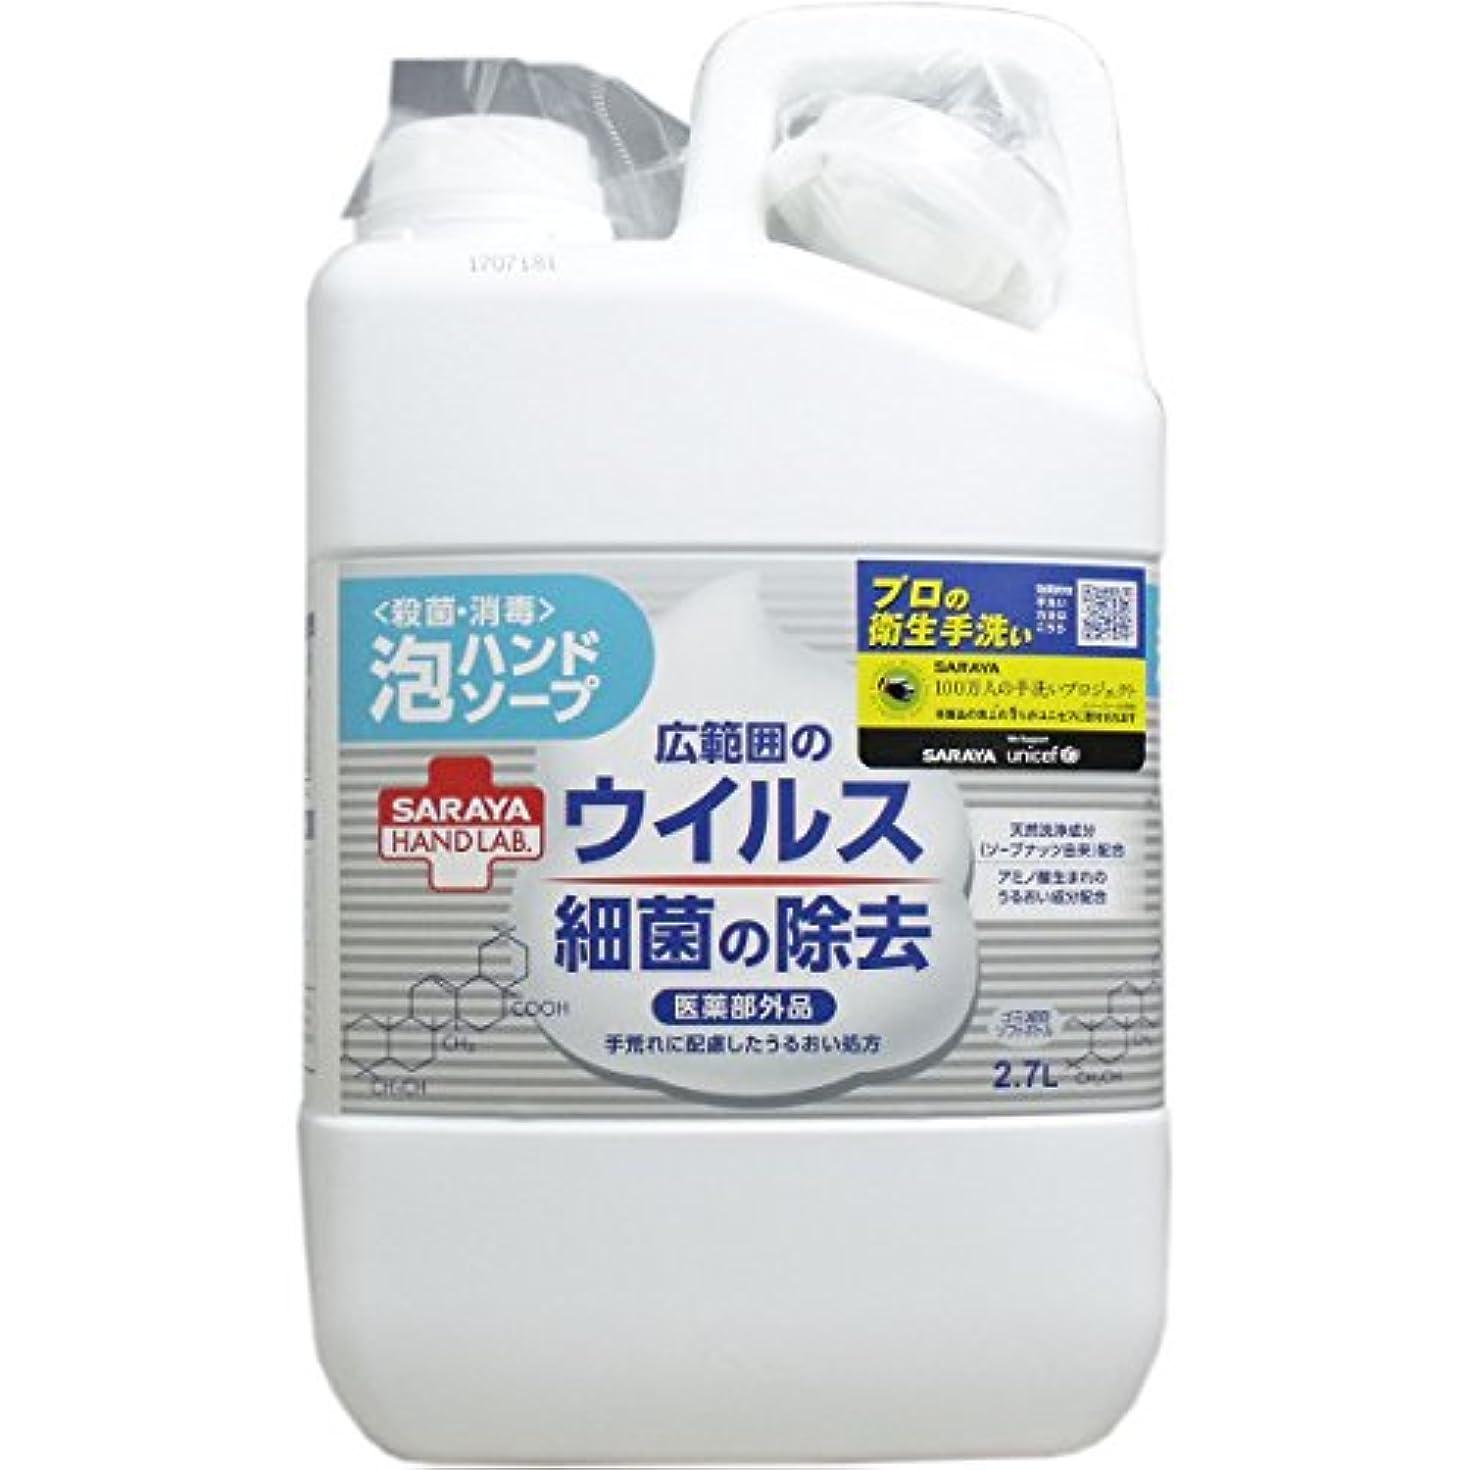 腐敗した政治家の魂ハンドラボ 薬用泡ハンドソープ 詰替用 2.7L